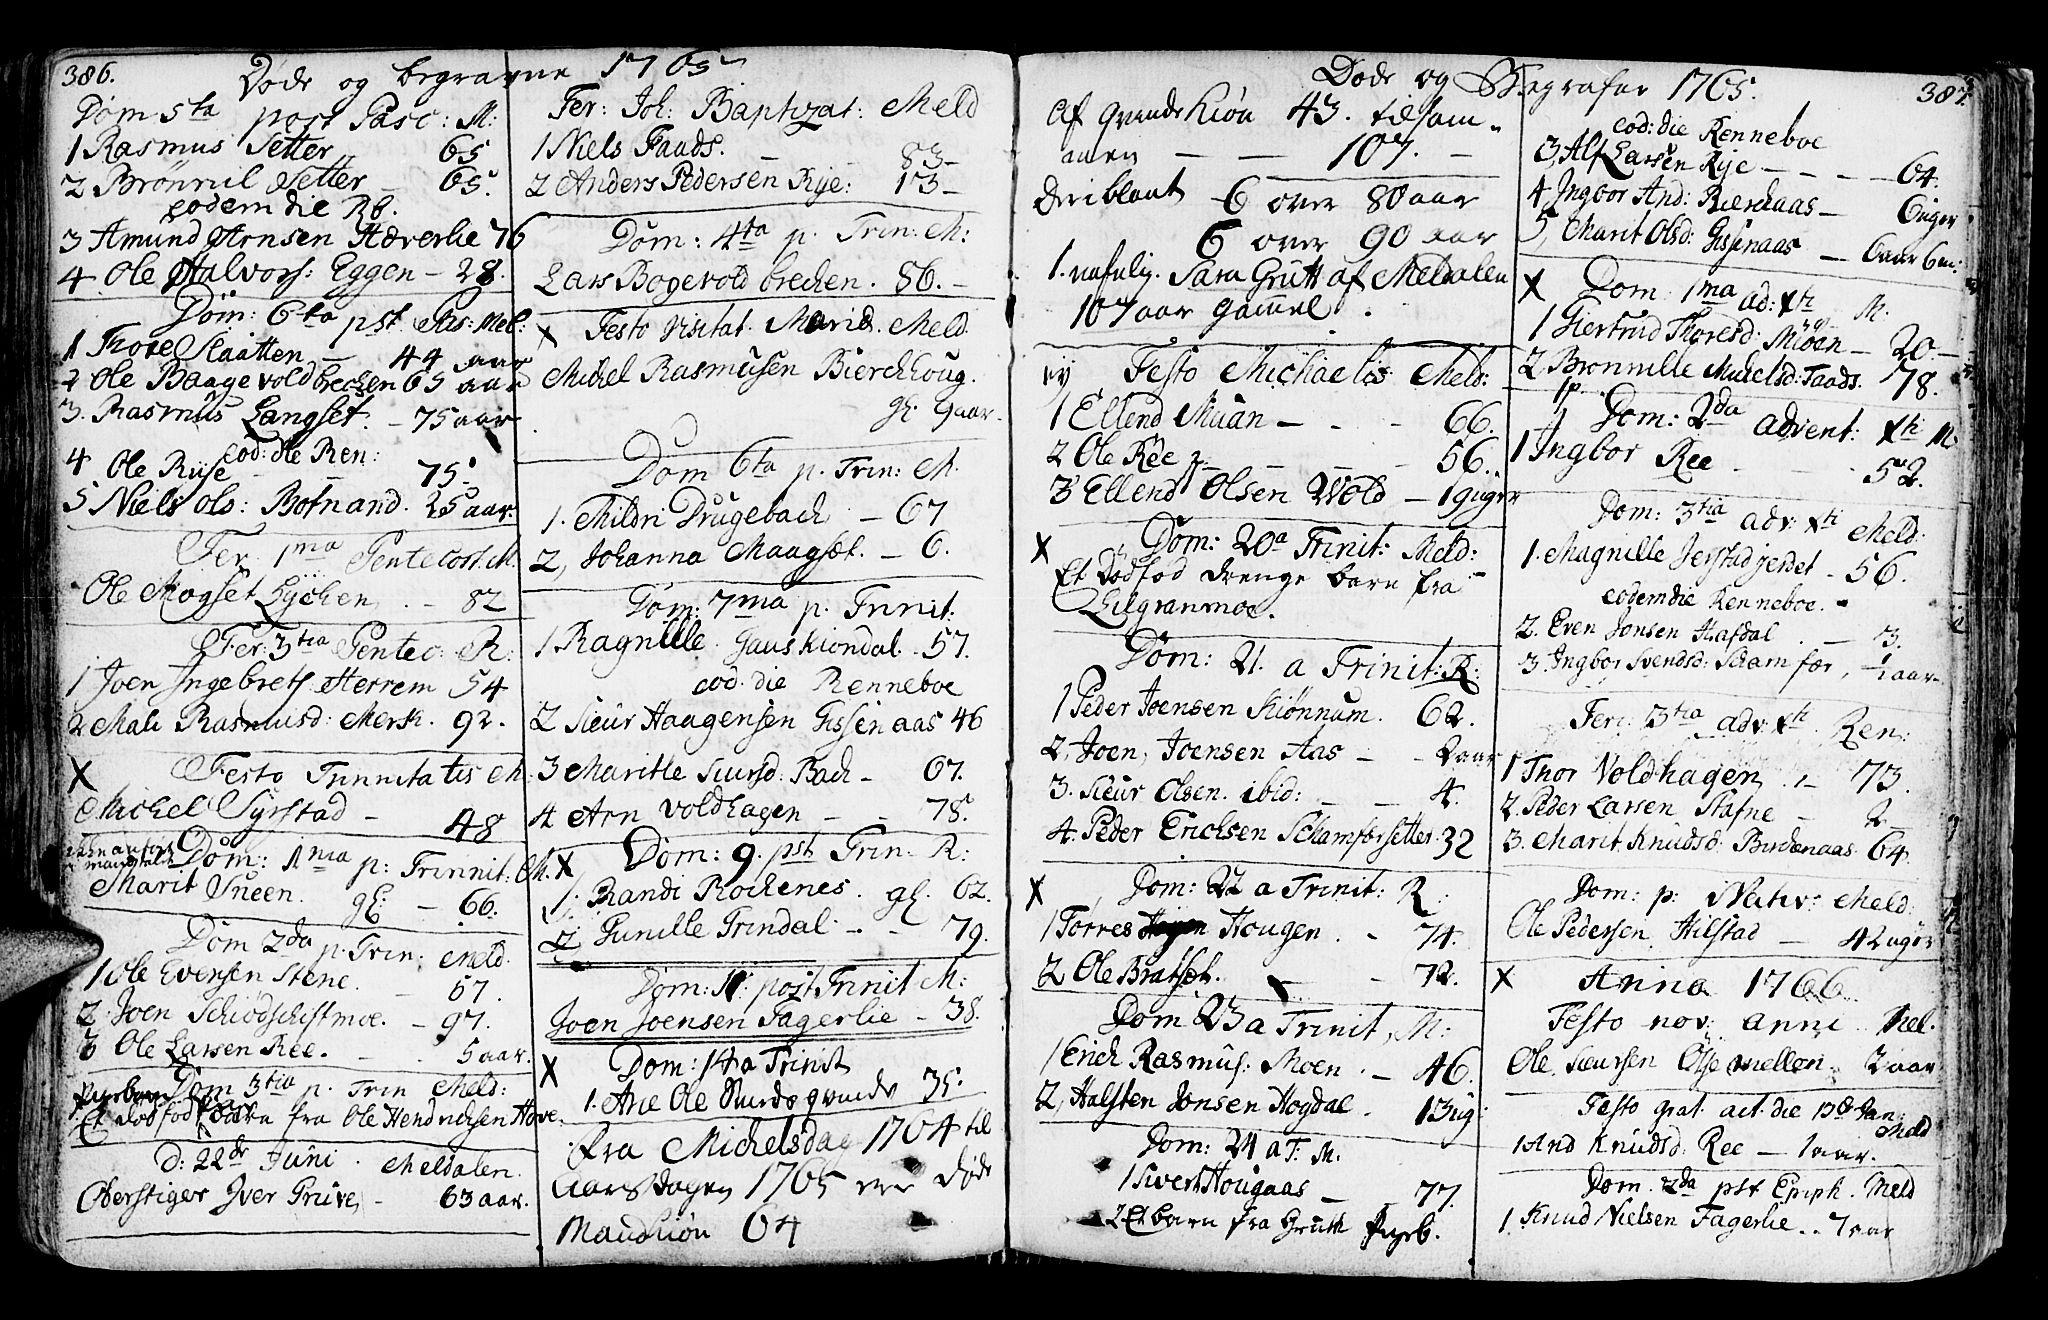 SAT, Ministerialprotokoller, klokkerbøker og fødselsregistre - Sør-Trøndelag, 672/L0851: Ministerialbok nr. 672A04, 1751-1775, s. 386-387